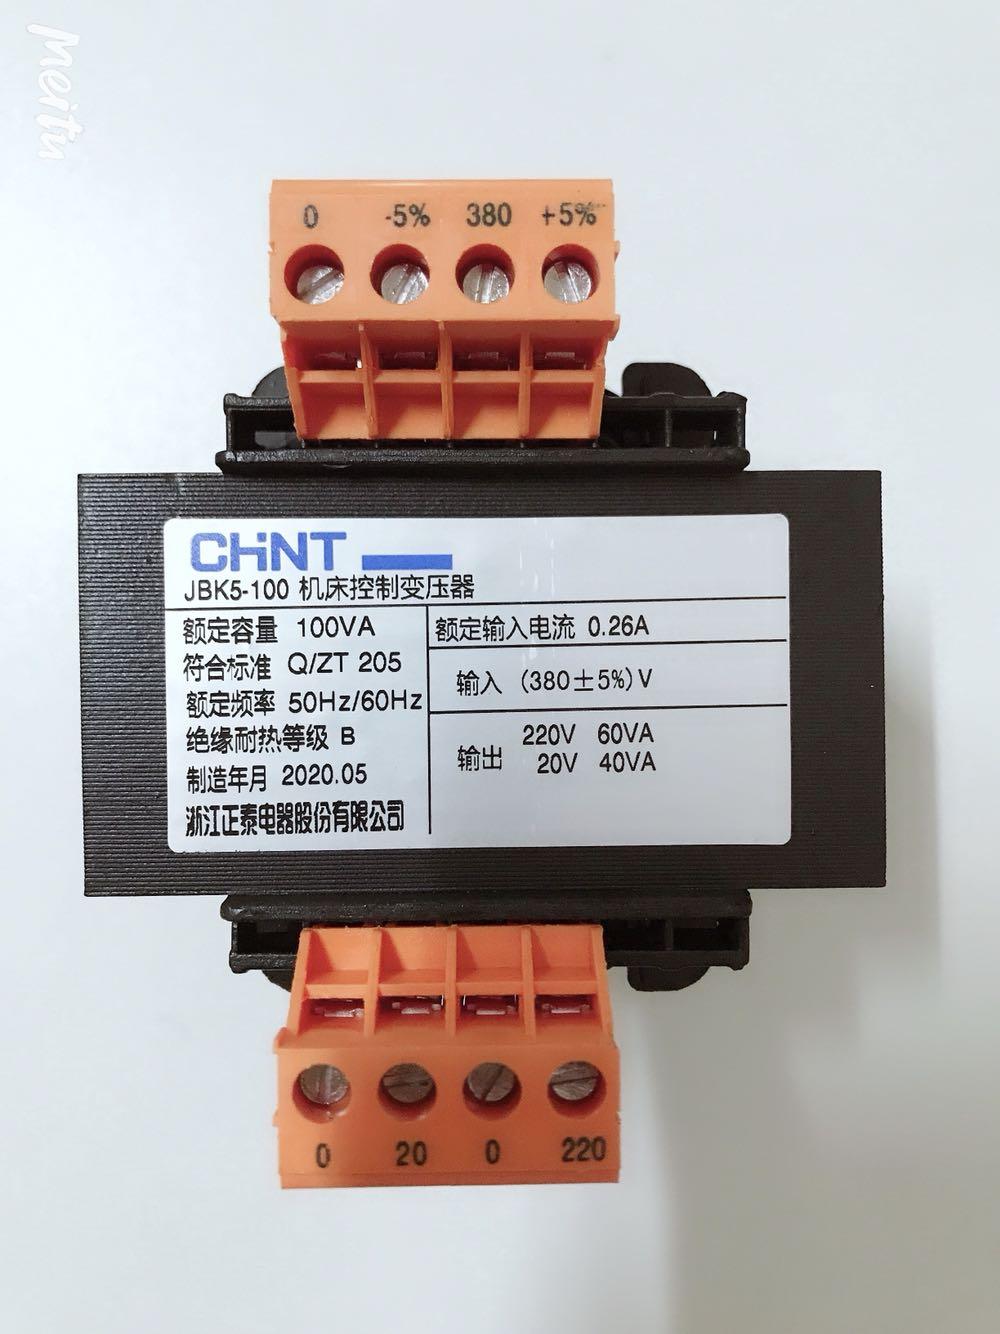 BK5-100 380V/220V(60VA)20V(40VA)